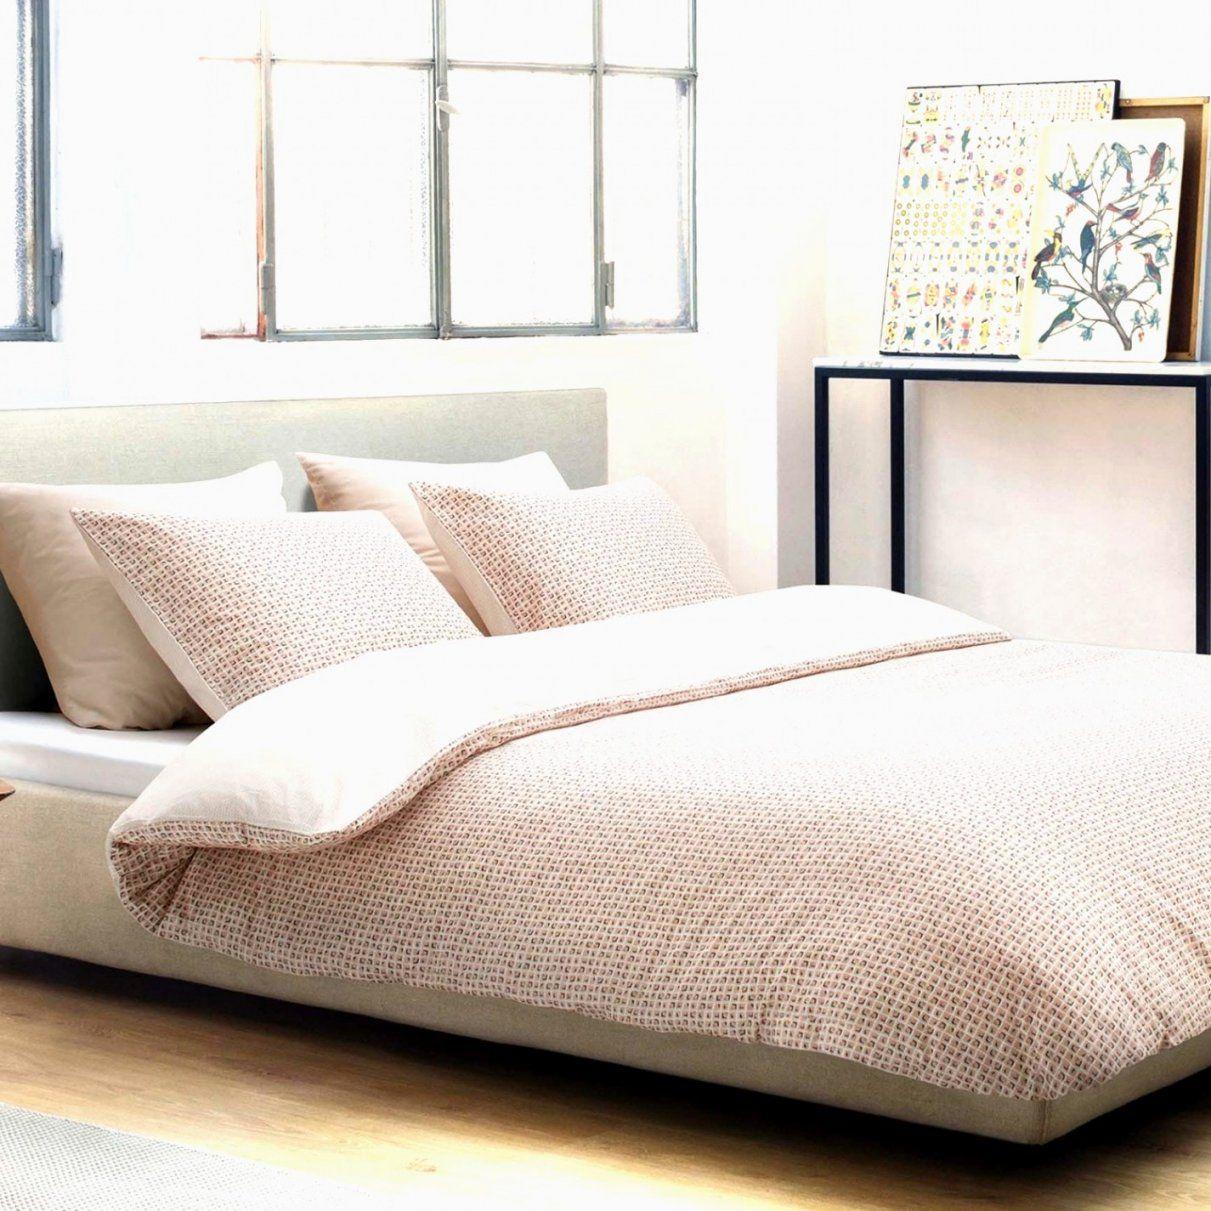 Kreativ Bettwäsche In Vielen Designs Online Bestellen — Qvc Für von Qvc Mikrofaser Bettwäsche Outlet Bild